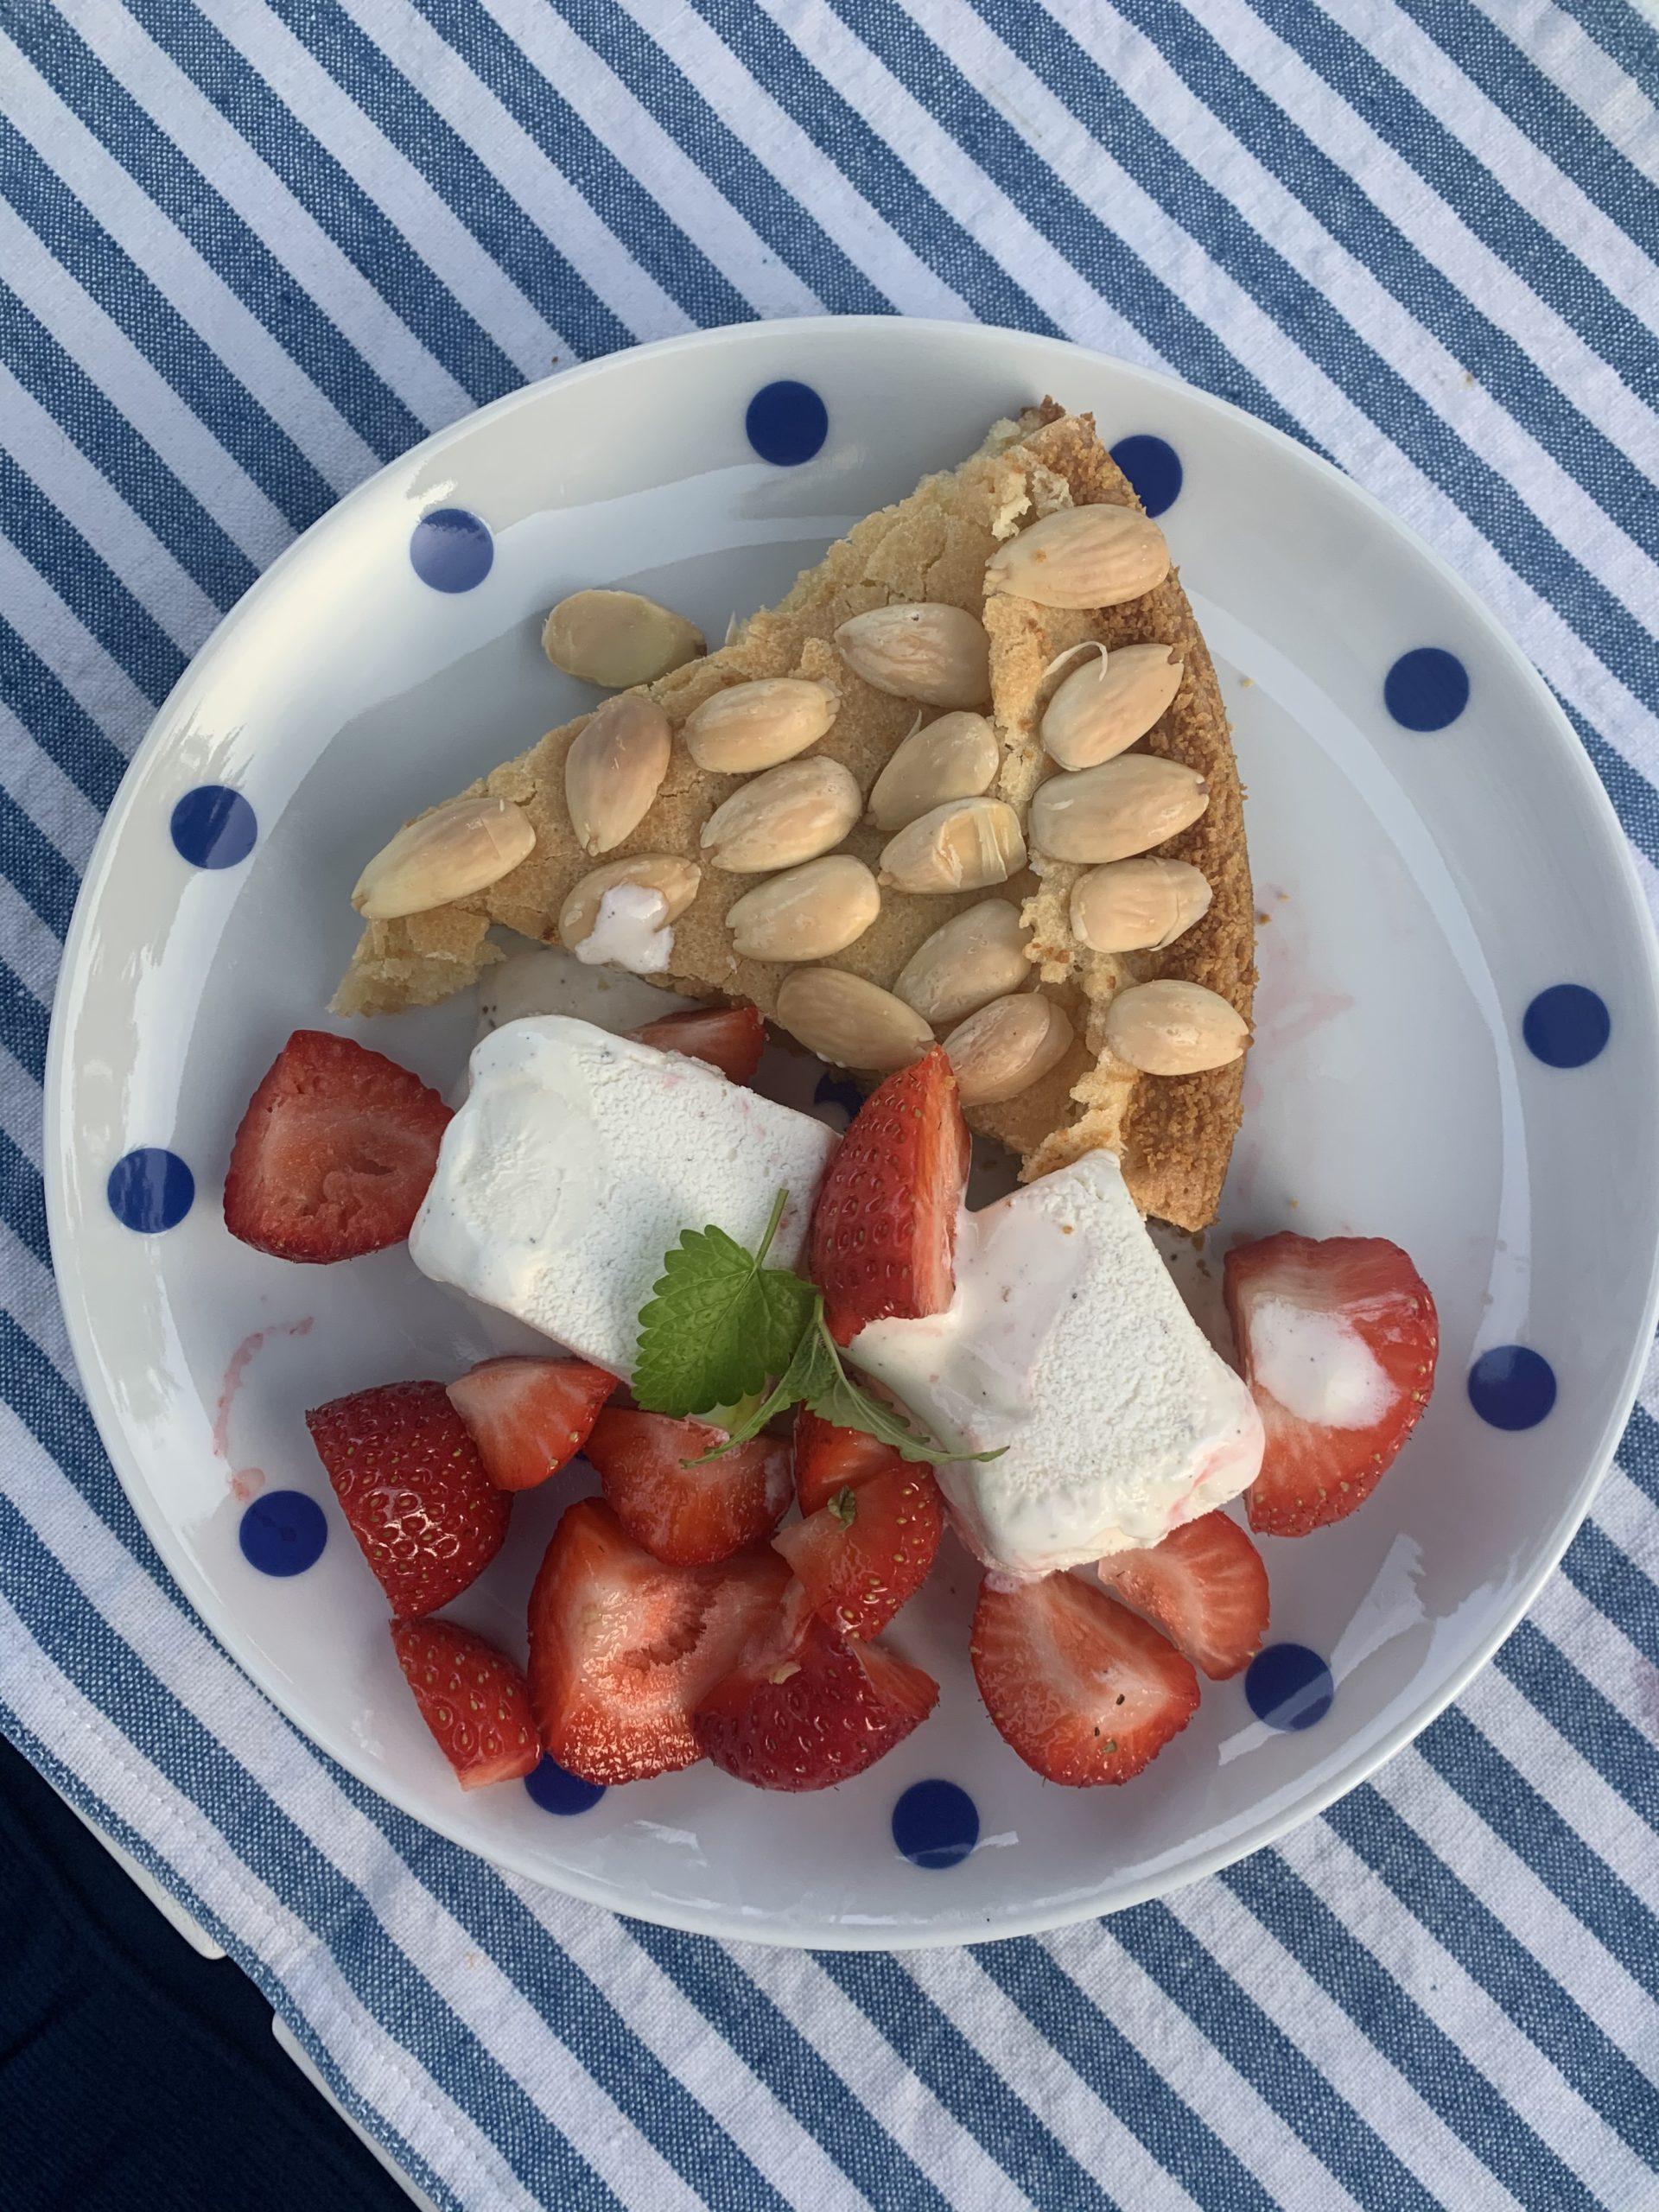 Min solskenskaka med jordgubbar och vaniljglass